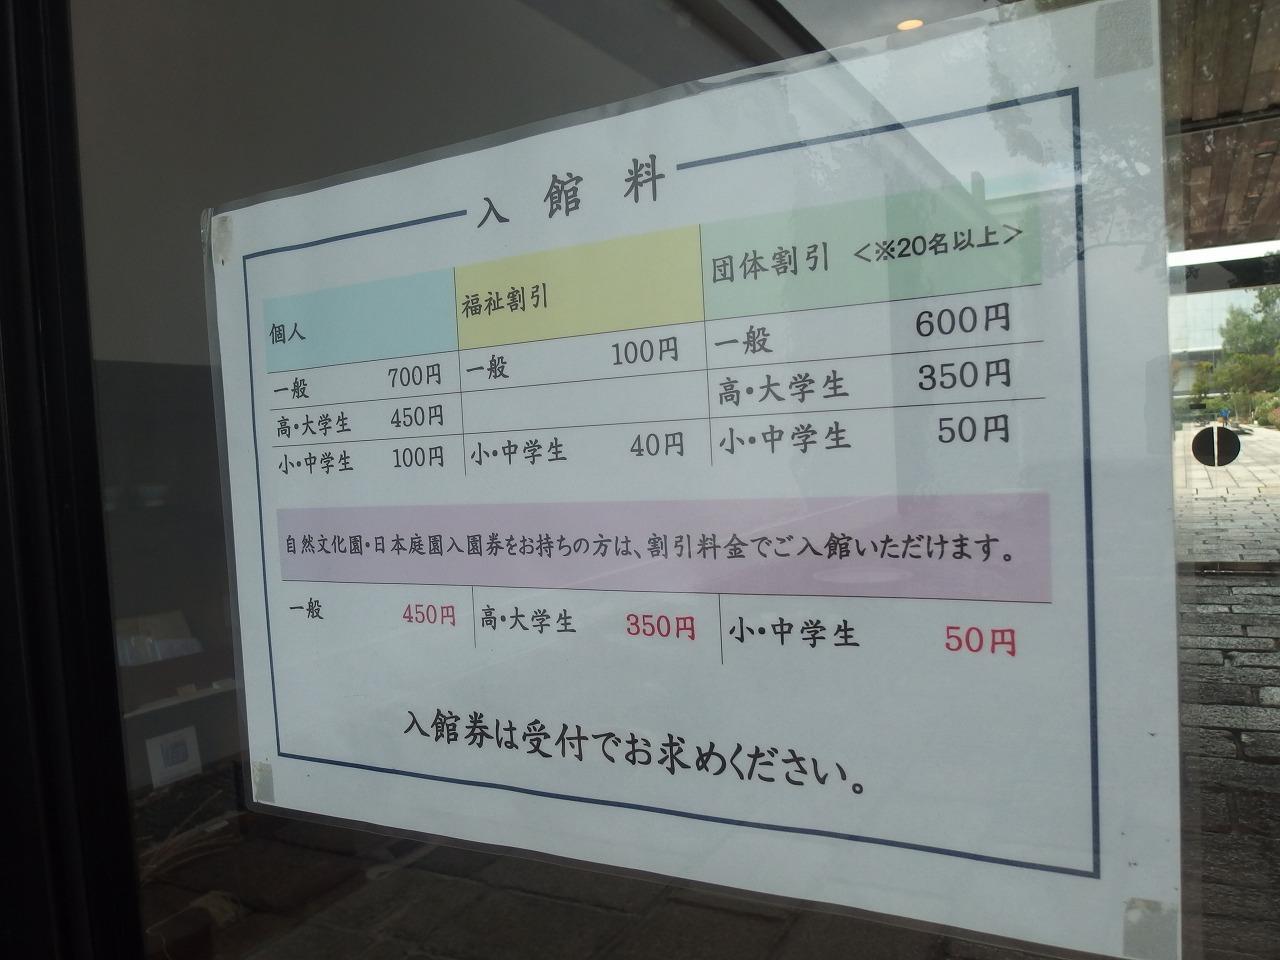 s-PA080084.jpg